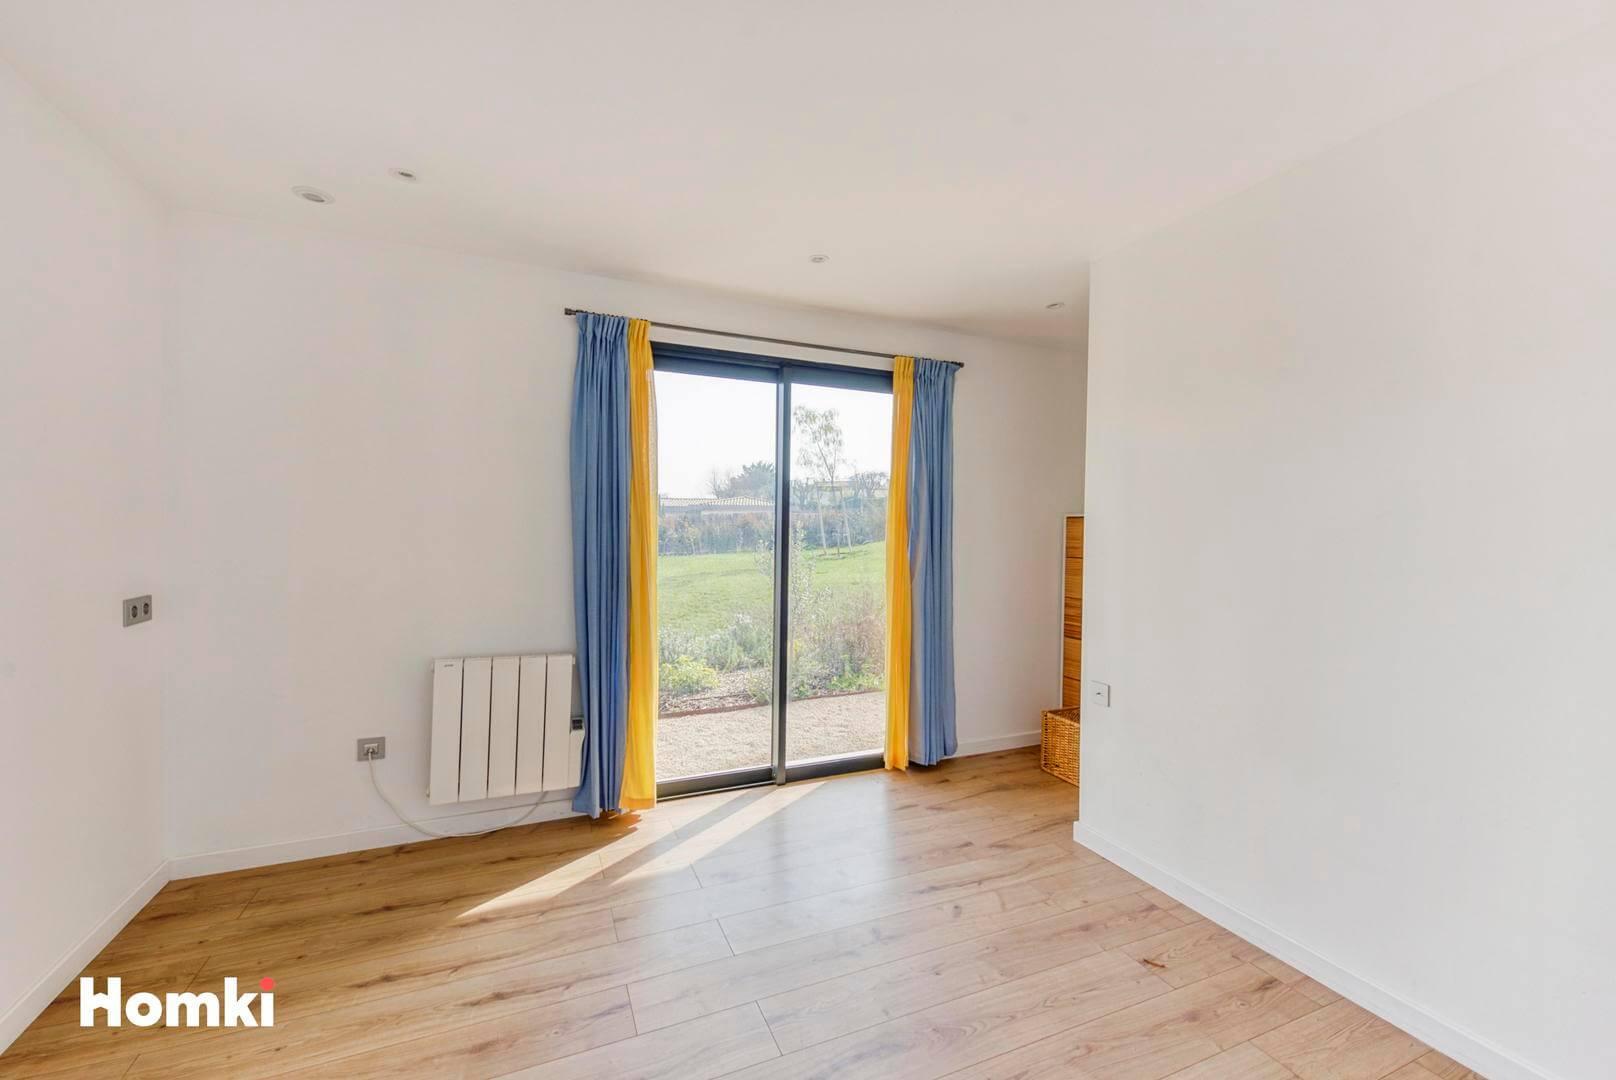 Homki - Vente Maison/villa  de 222.0 m² à Biot 06410